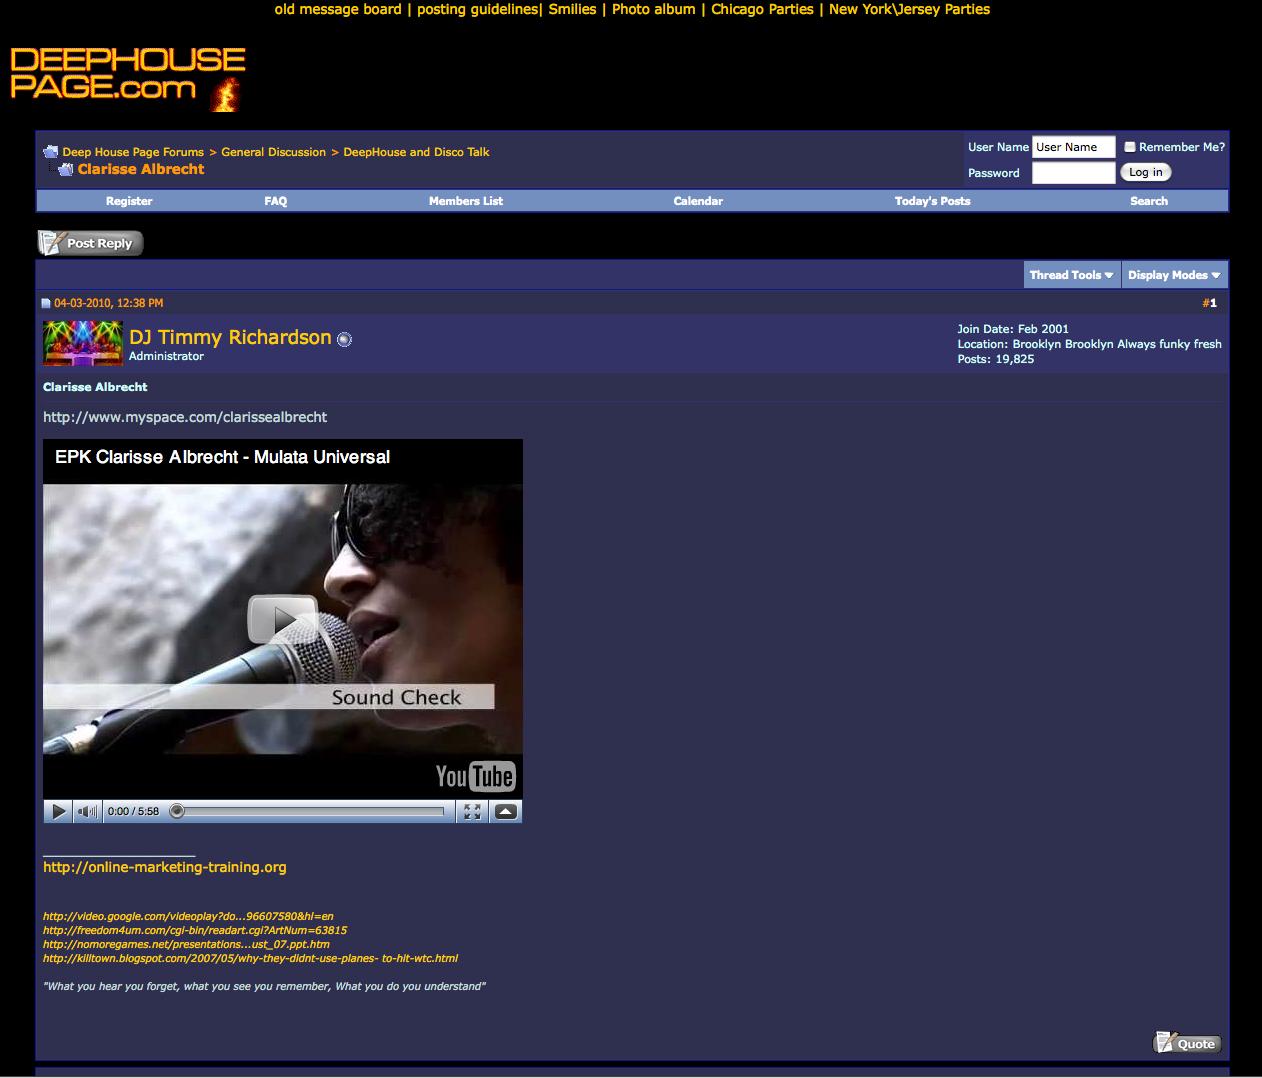 2010_04_Deephousepage